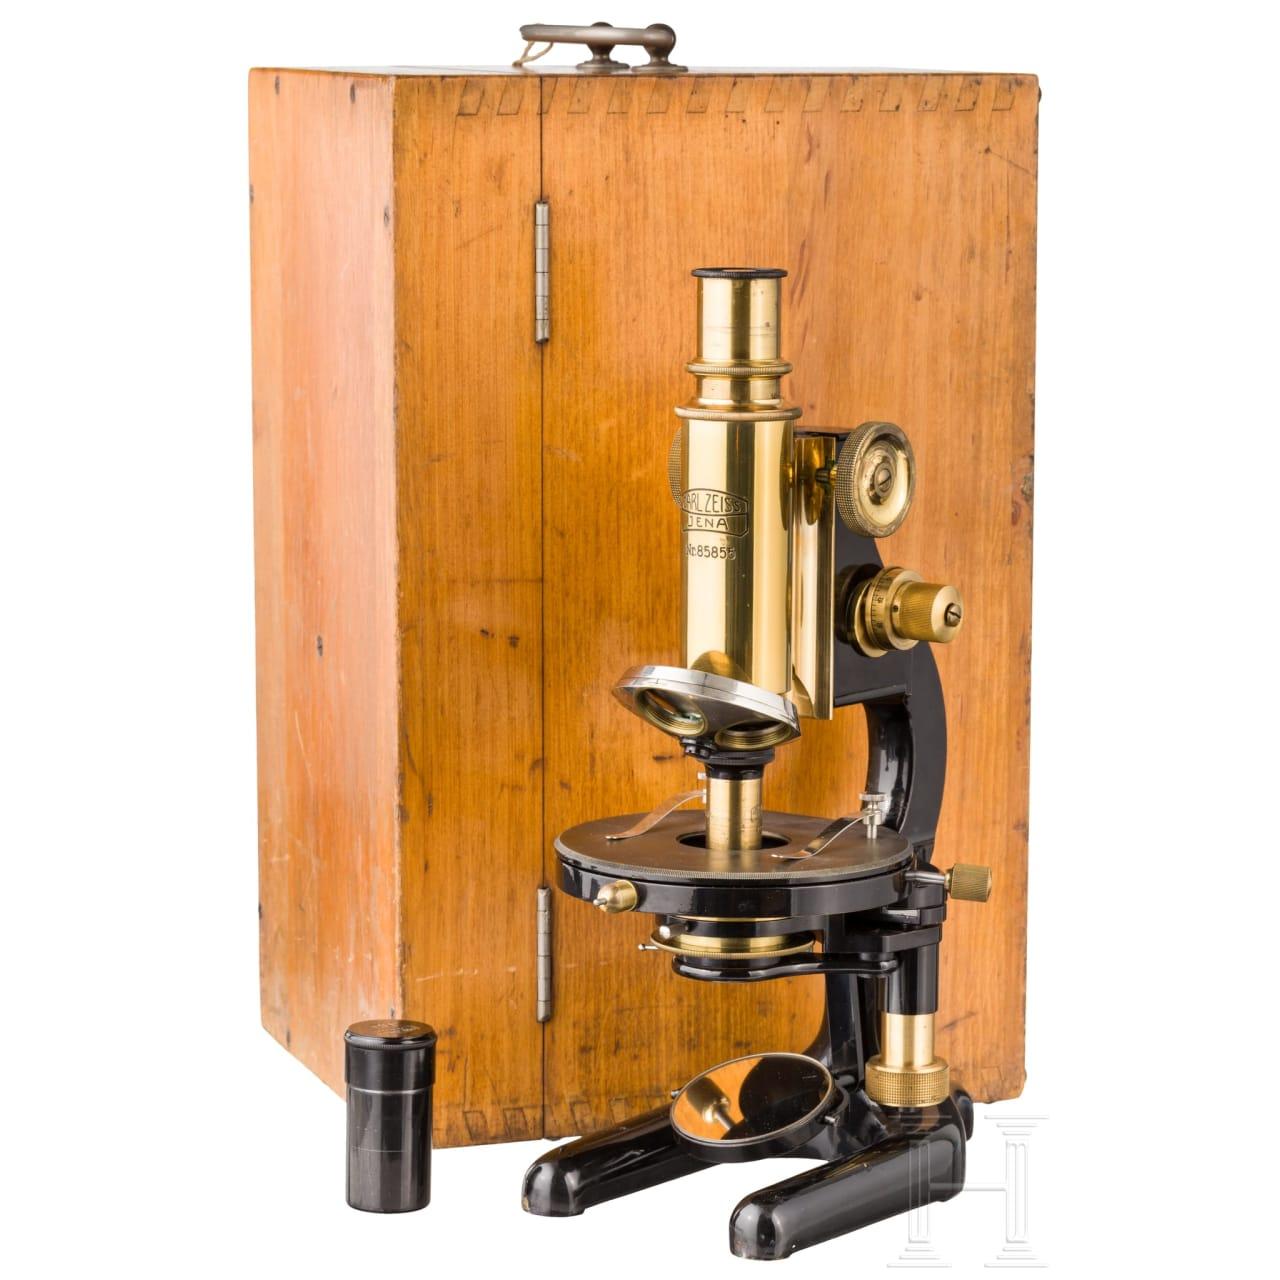 Mikroskop, Carl Zeiss, Jena, 20. Jhdt.